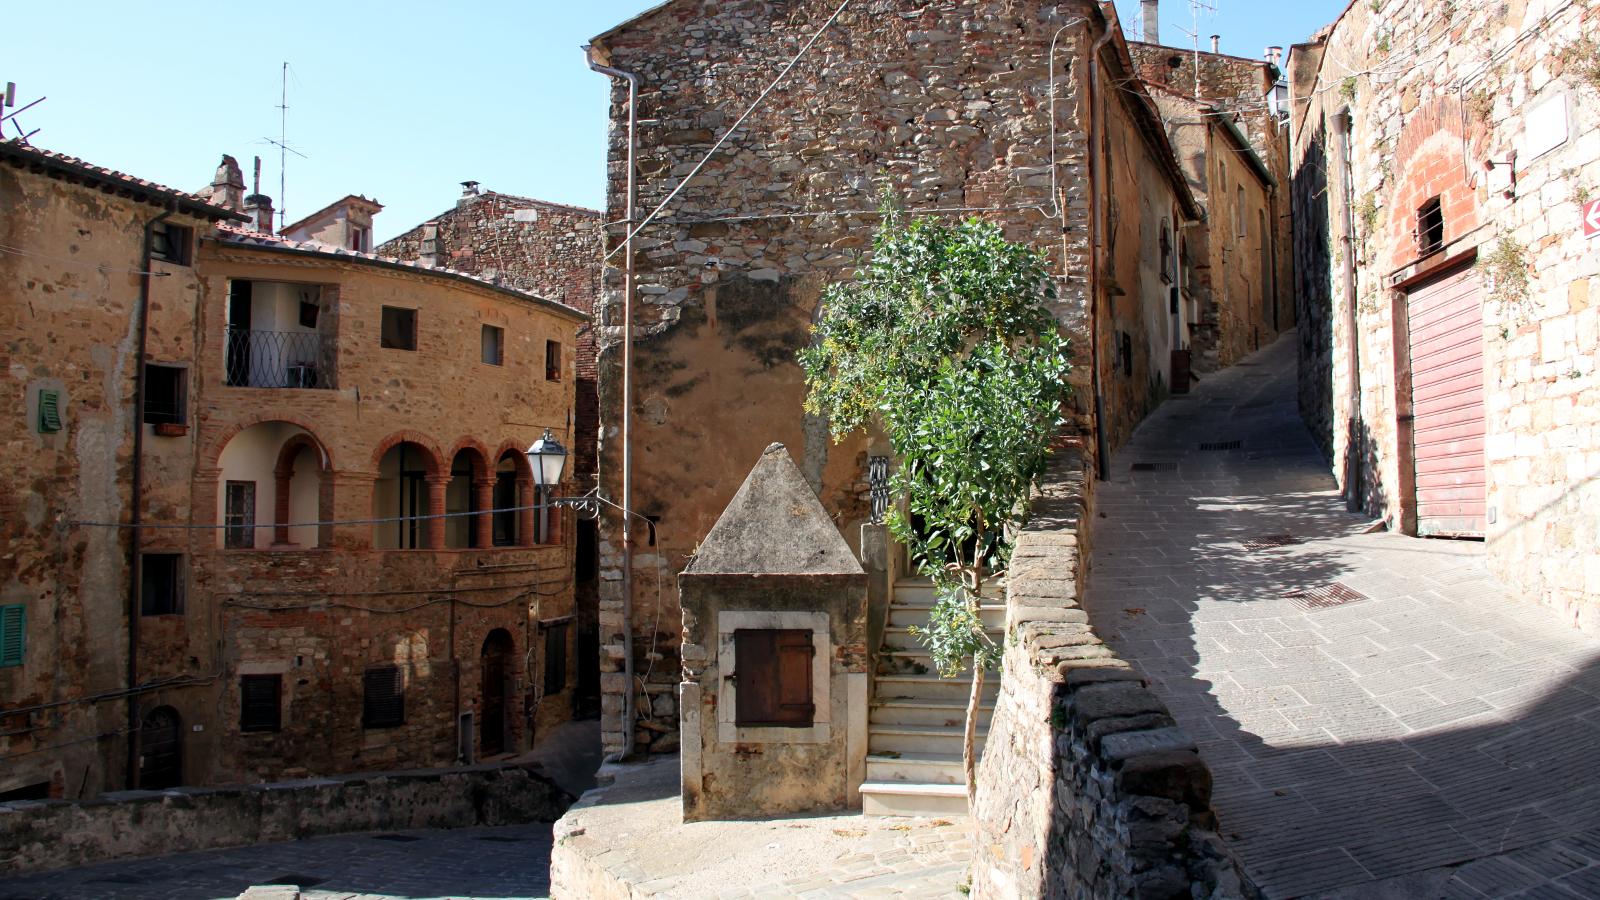 Campiglia Marittima: Via Vecchio Pretorio - LepoRello (Wikipedia)